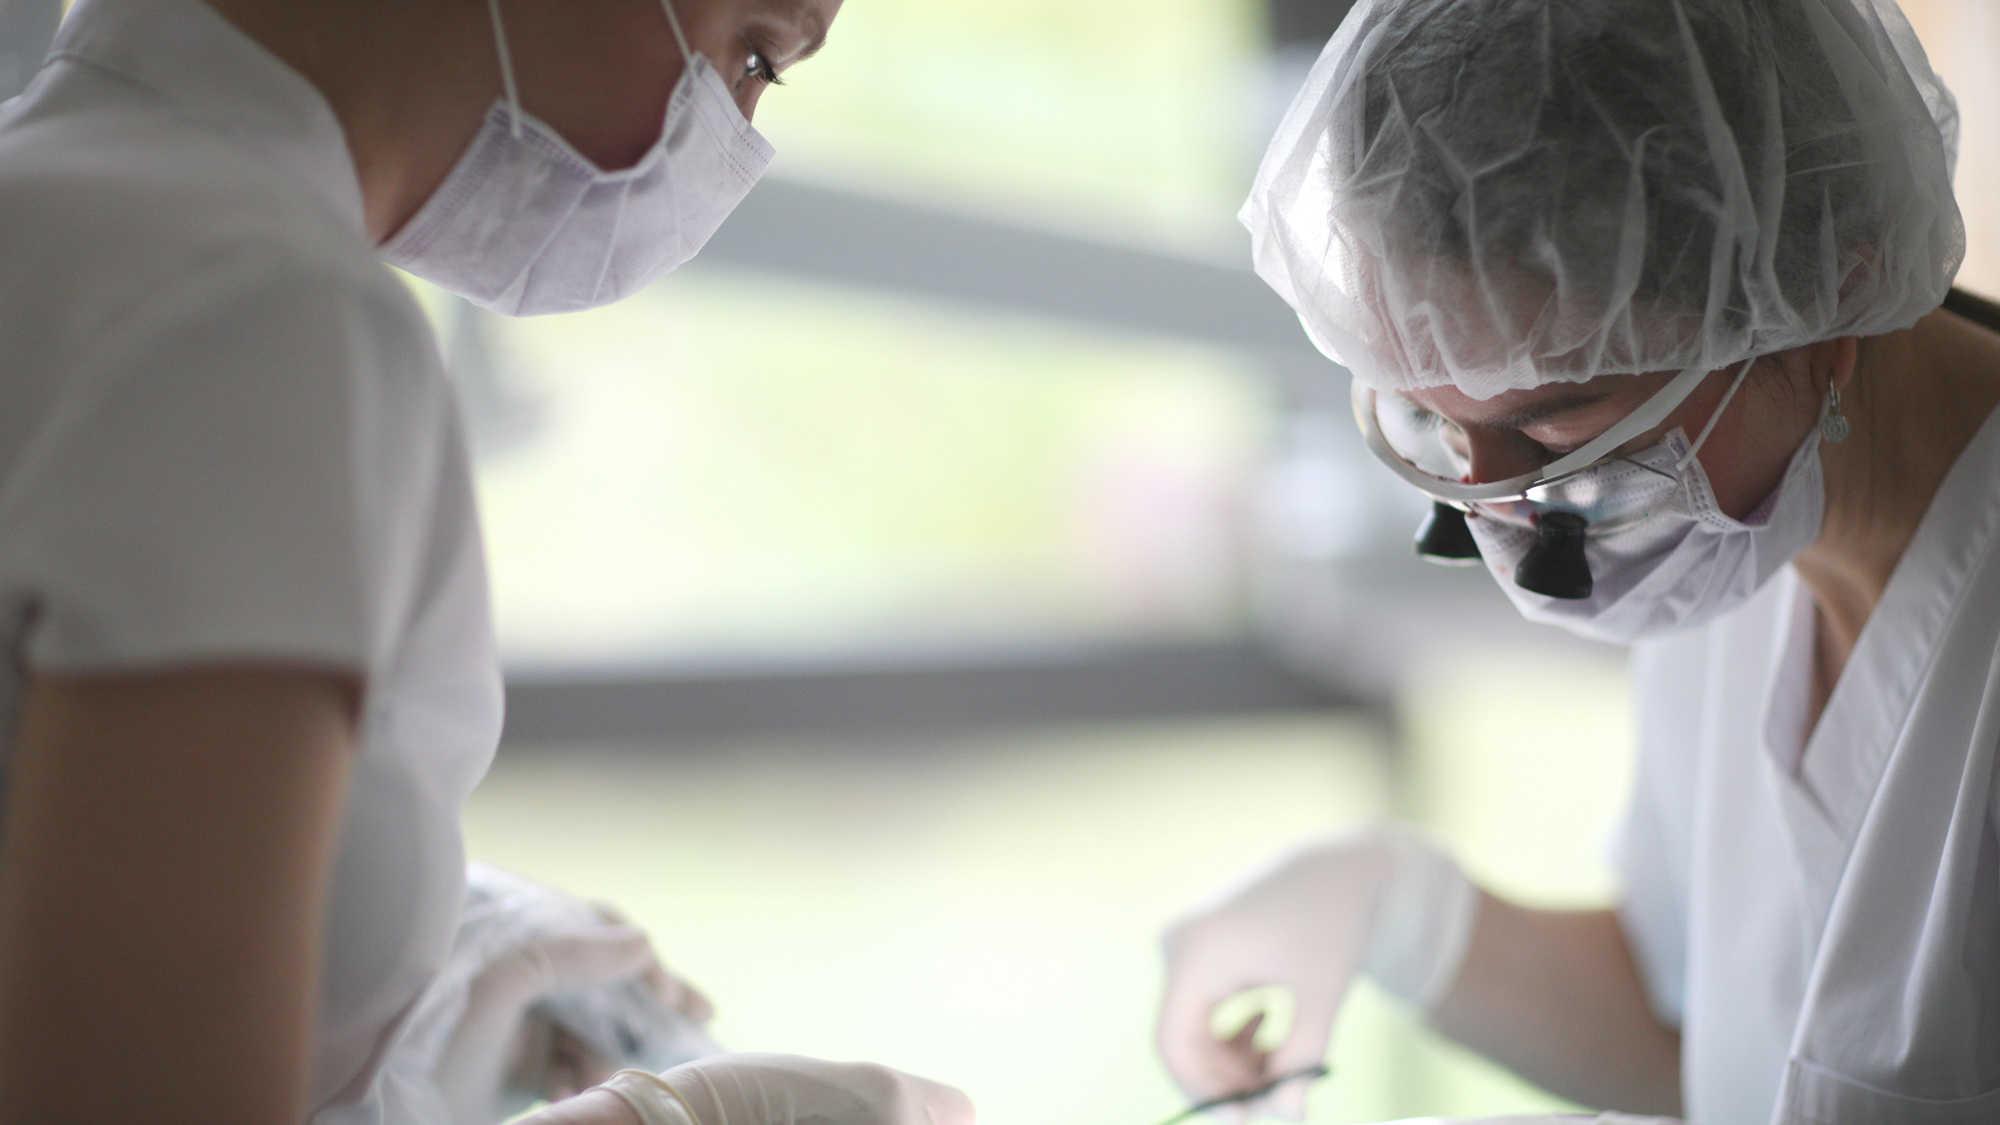 La pénurie de masques chirurgicaux touche les cabinets dentaires du monde entier